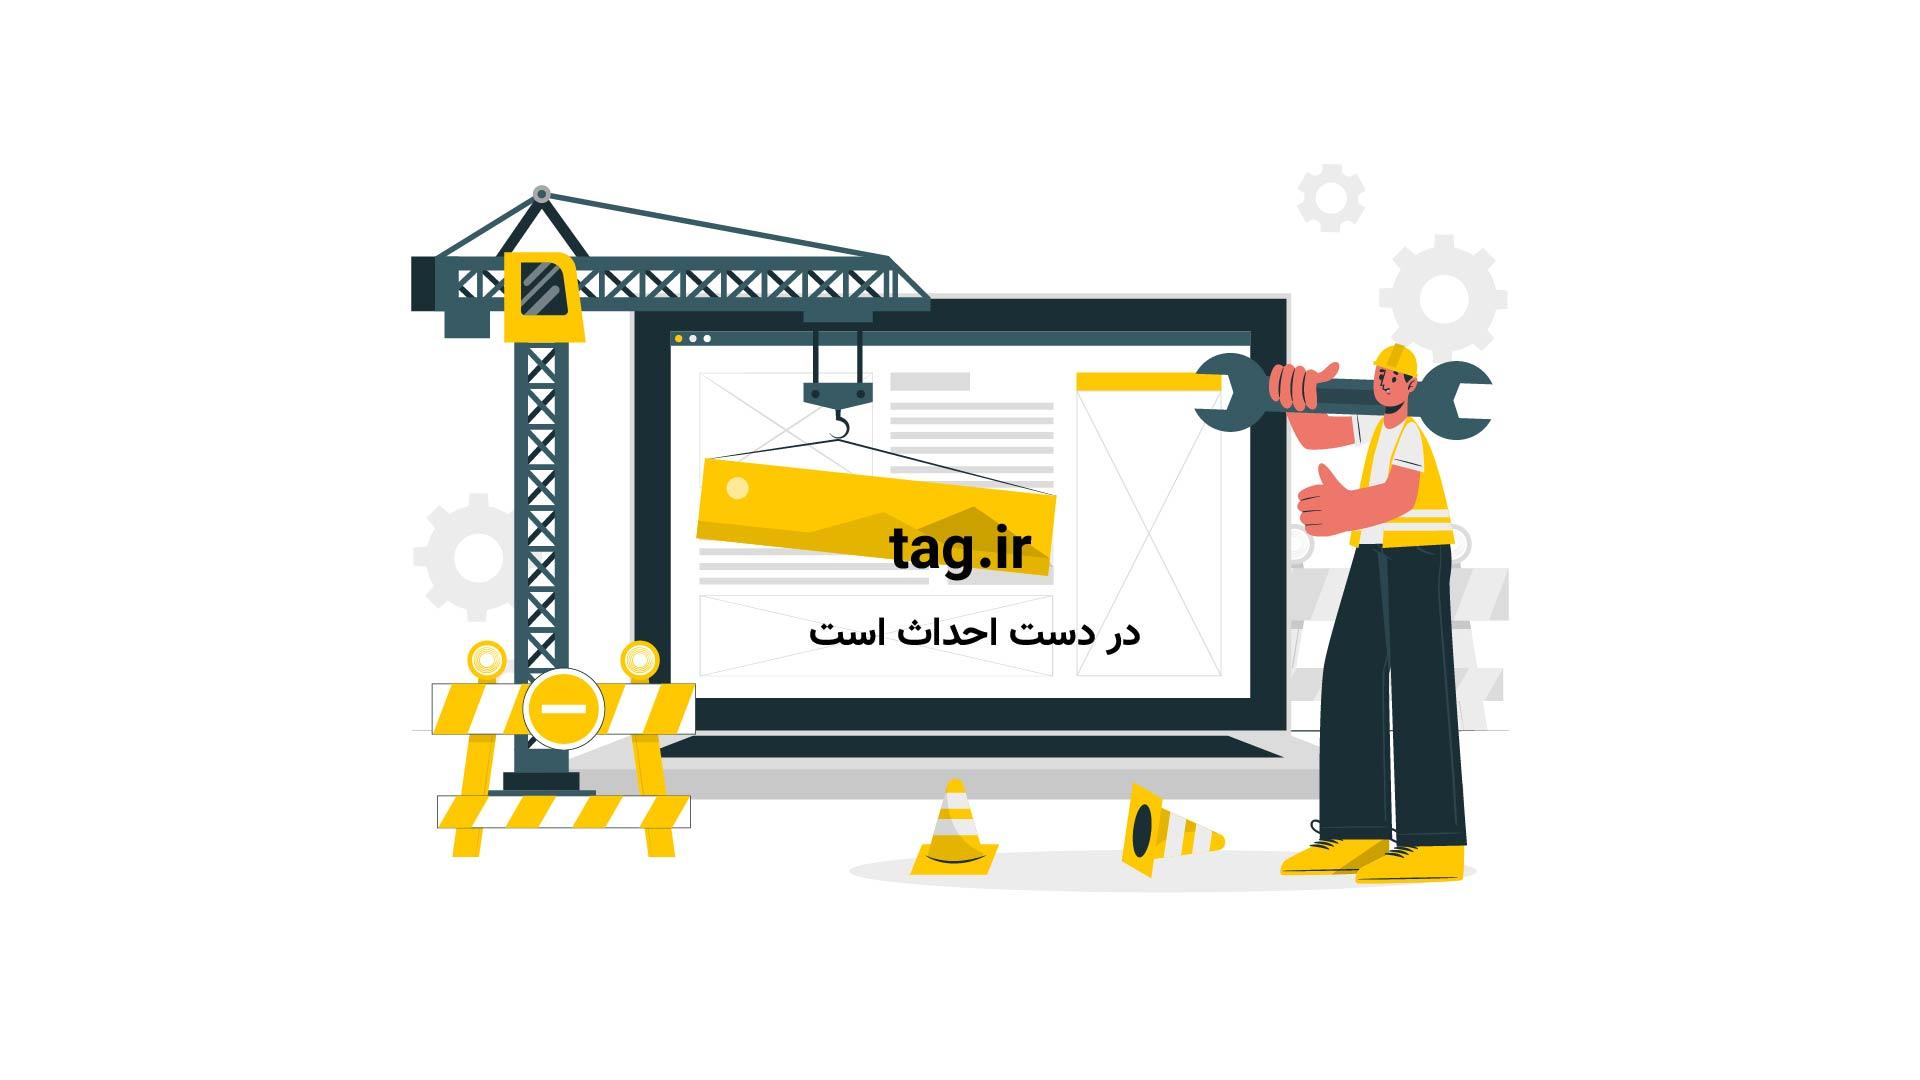 افتادن ماشین راننده حواس پرت به داخل استخر + فیلم